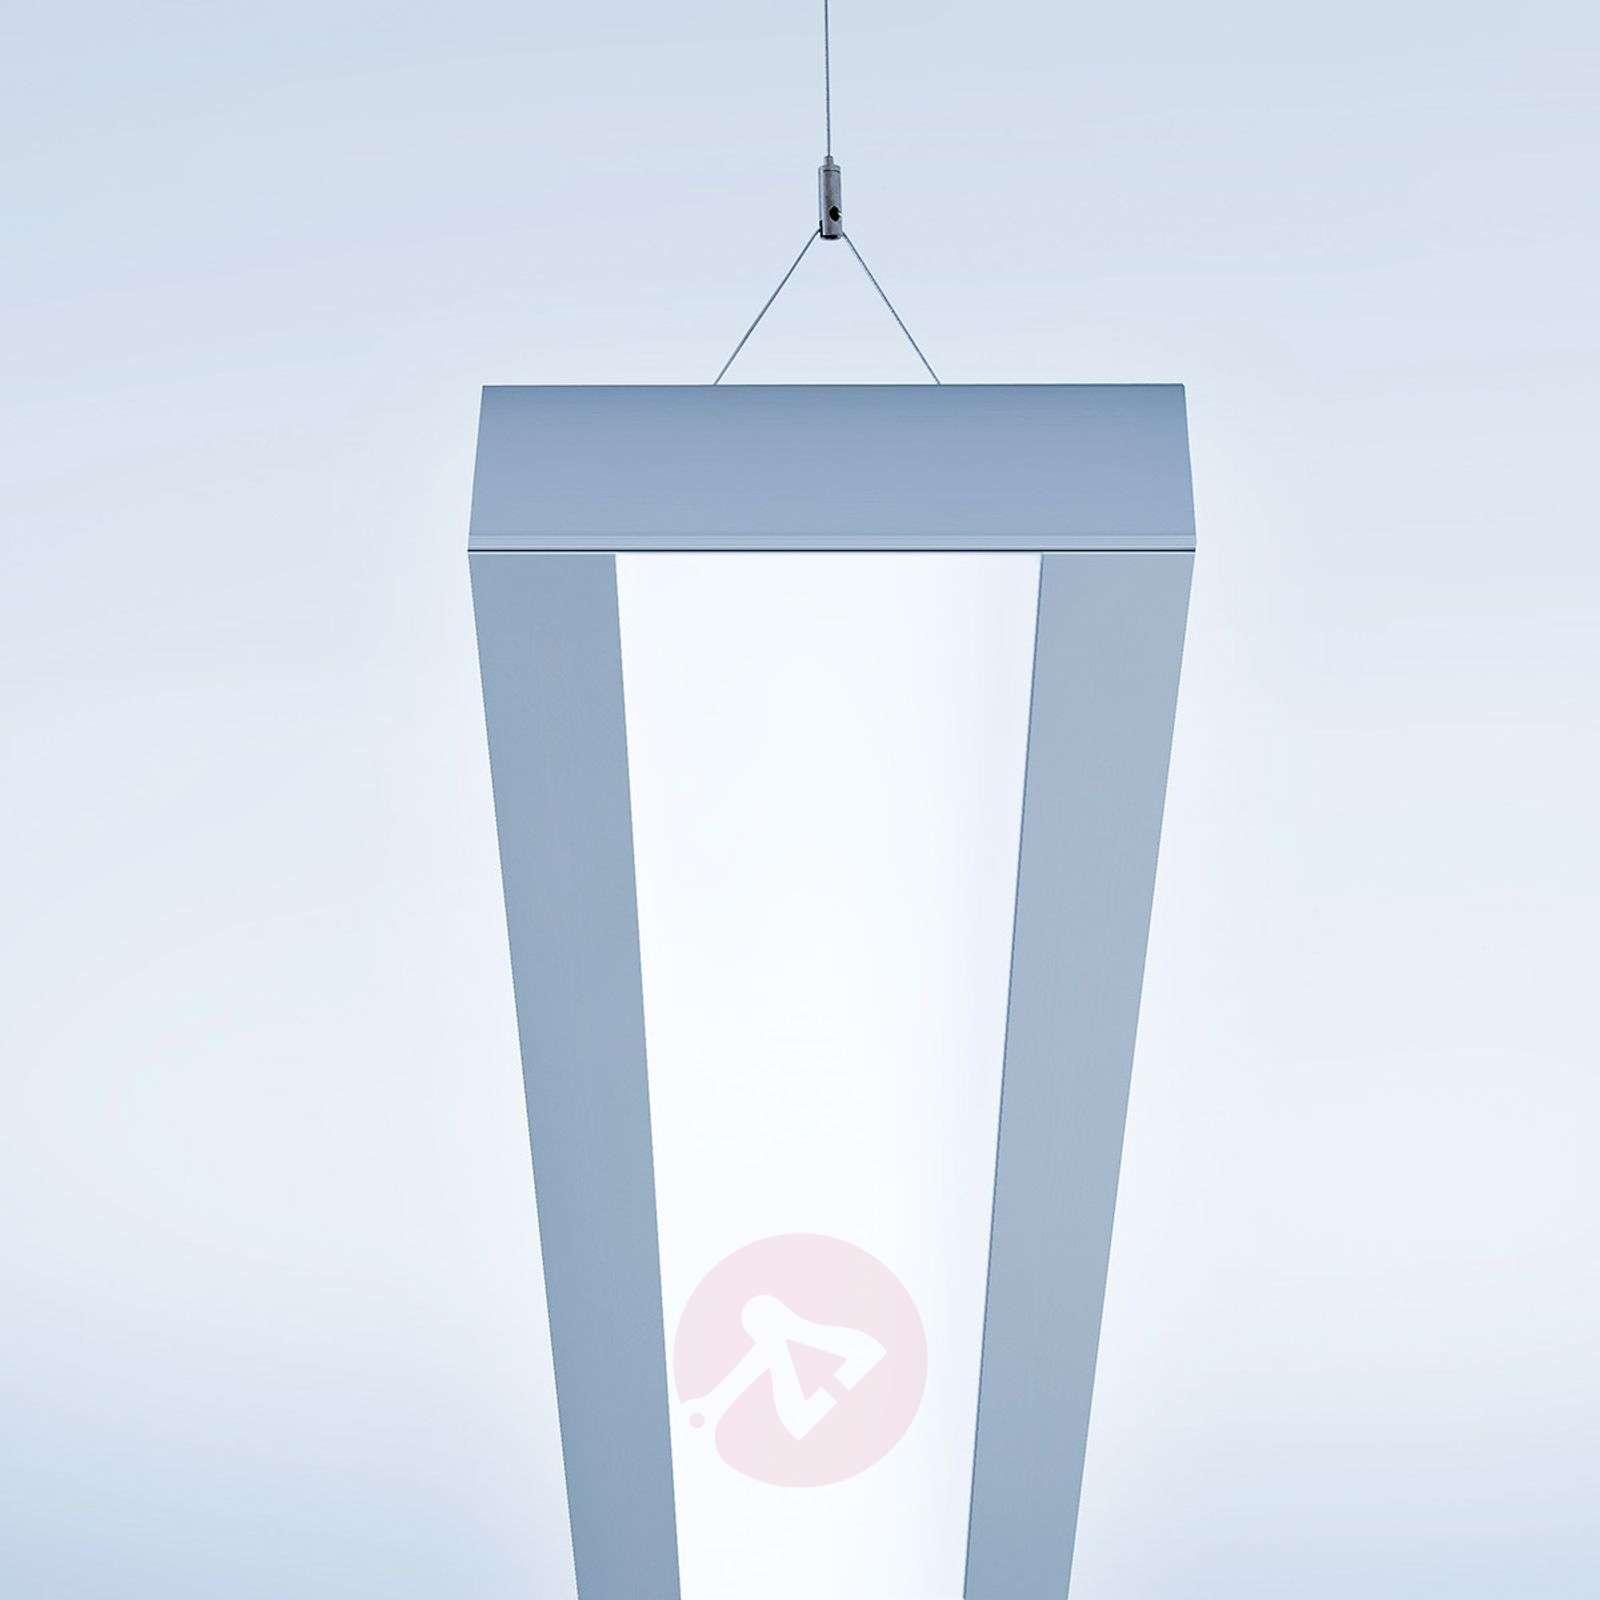 Moderni LED-riippuvalaisin Vision-P2-6033465X-01